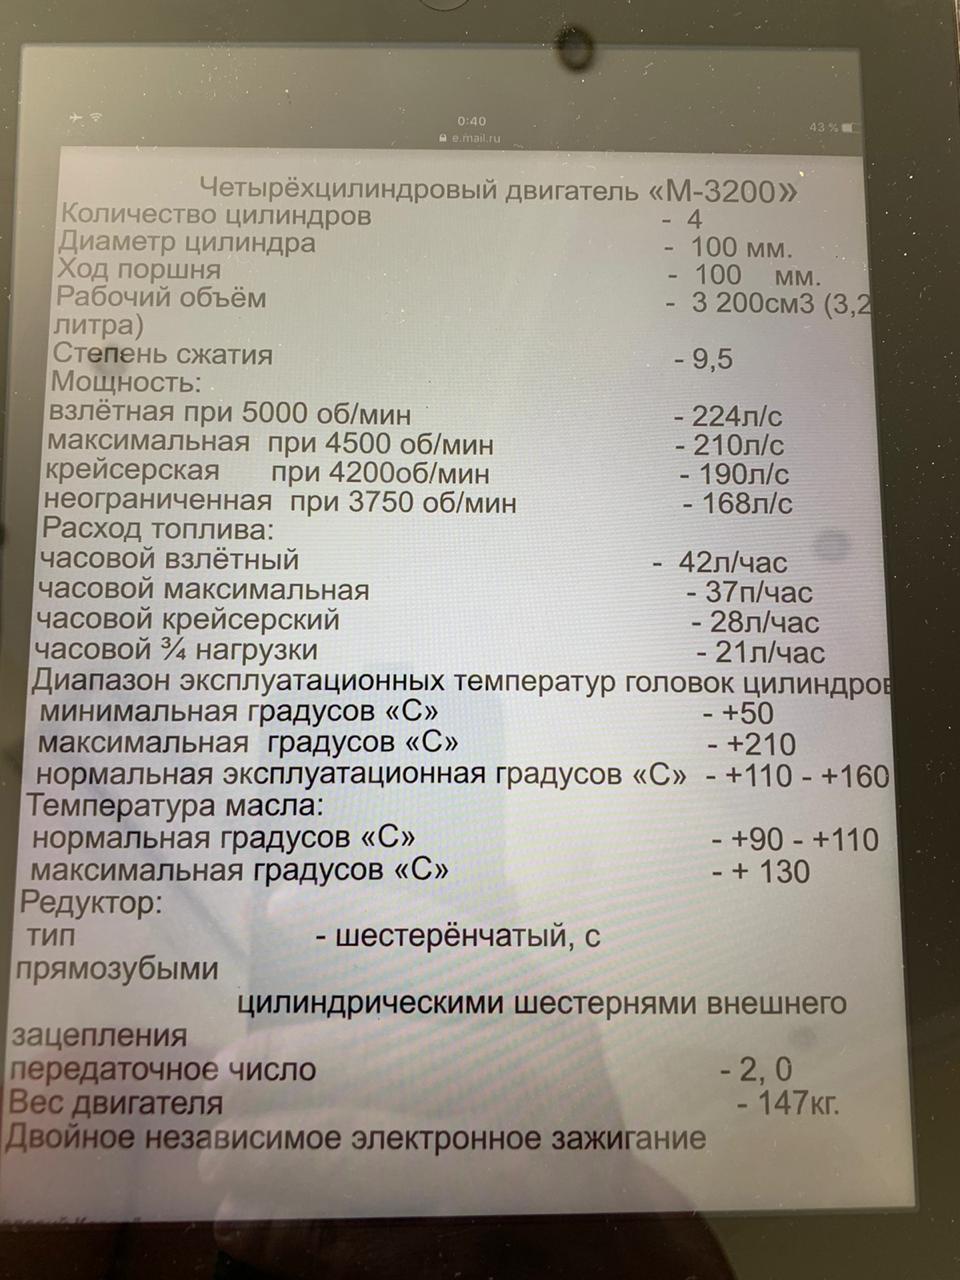 WhatsApp Image 2020-08-26 at 16.36.46.jpeg